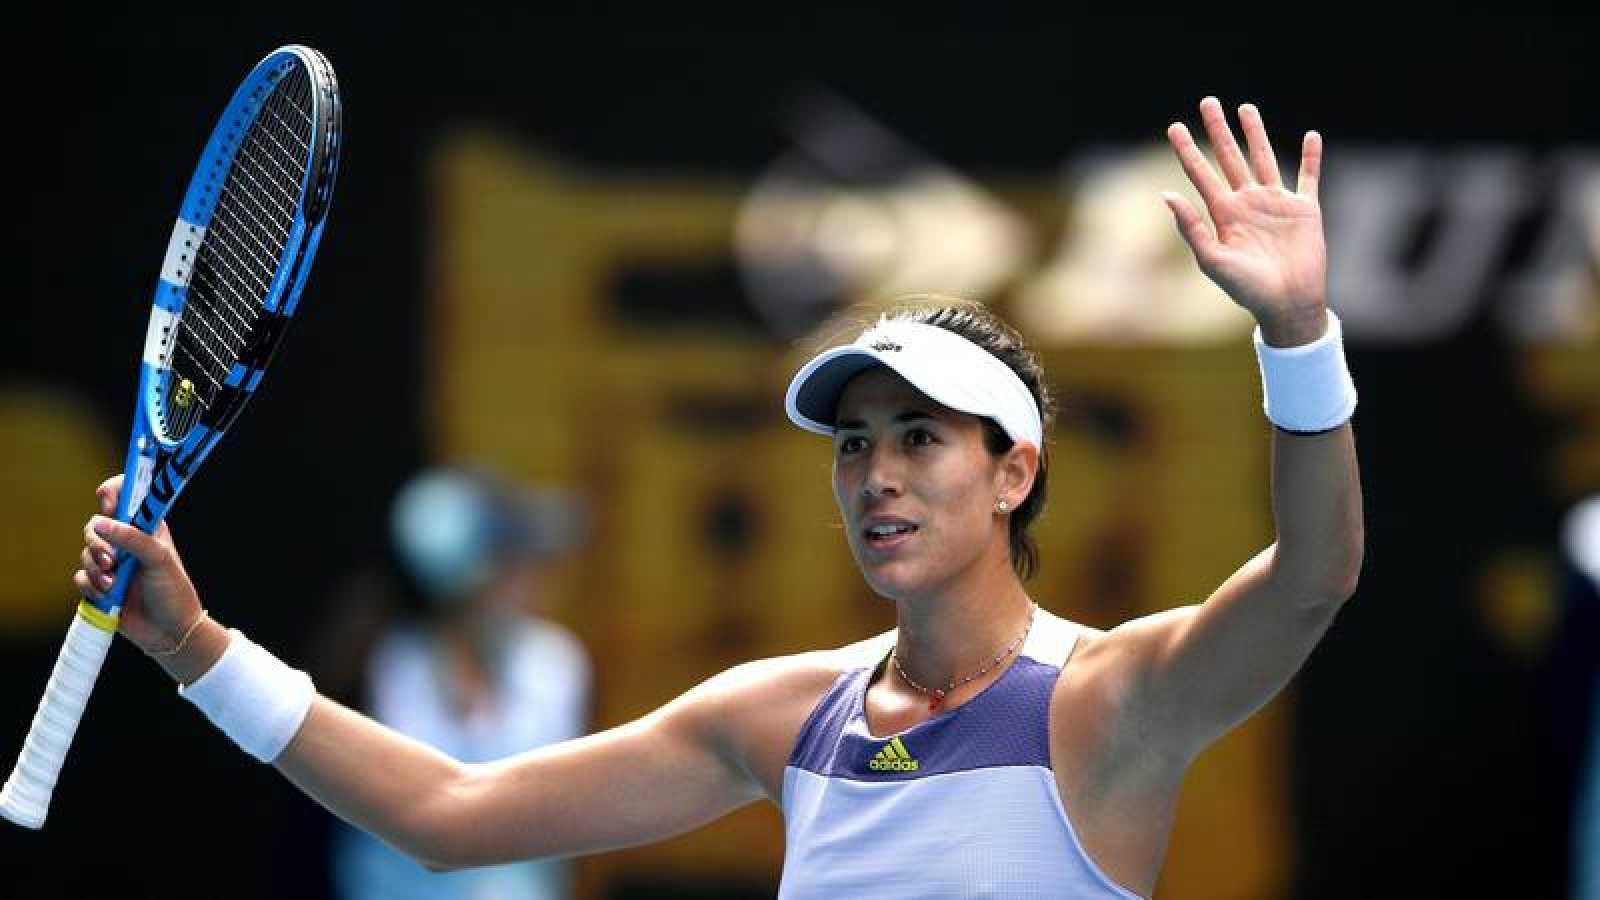 La tenista española Garbiñe Muguruza celebra su victoria ante el neerlandesa Kiki Bertens.